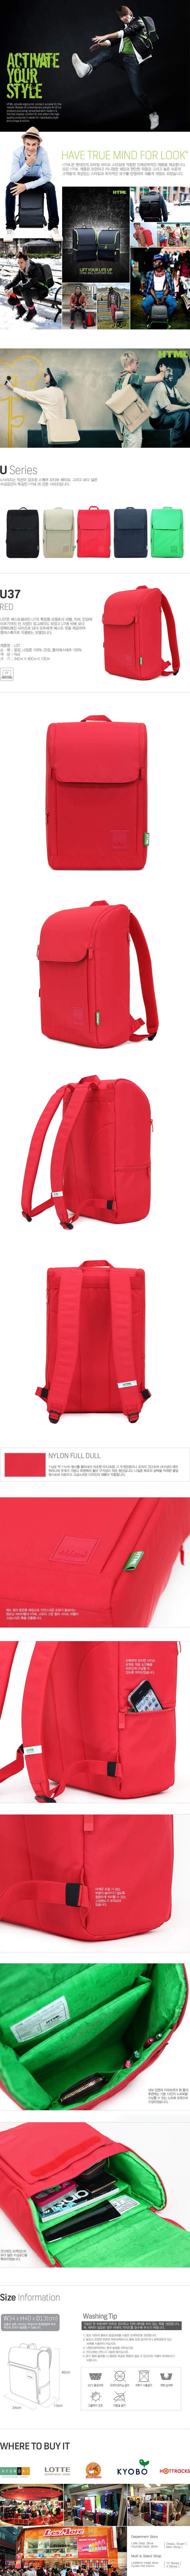 [에이치티엠엘]HTML - U37 backpack (Red)_인기백팩